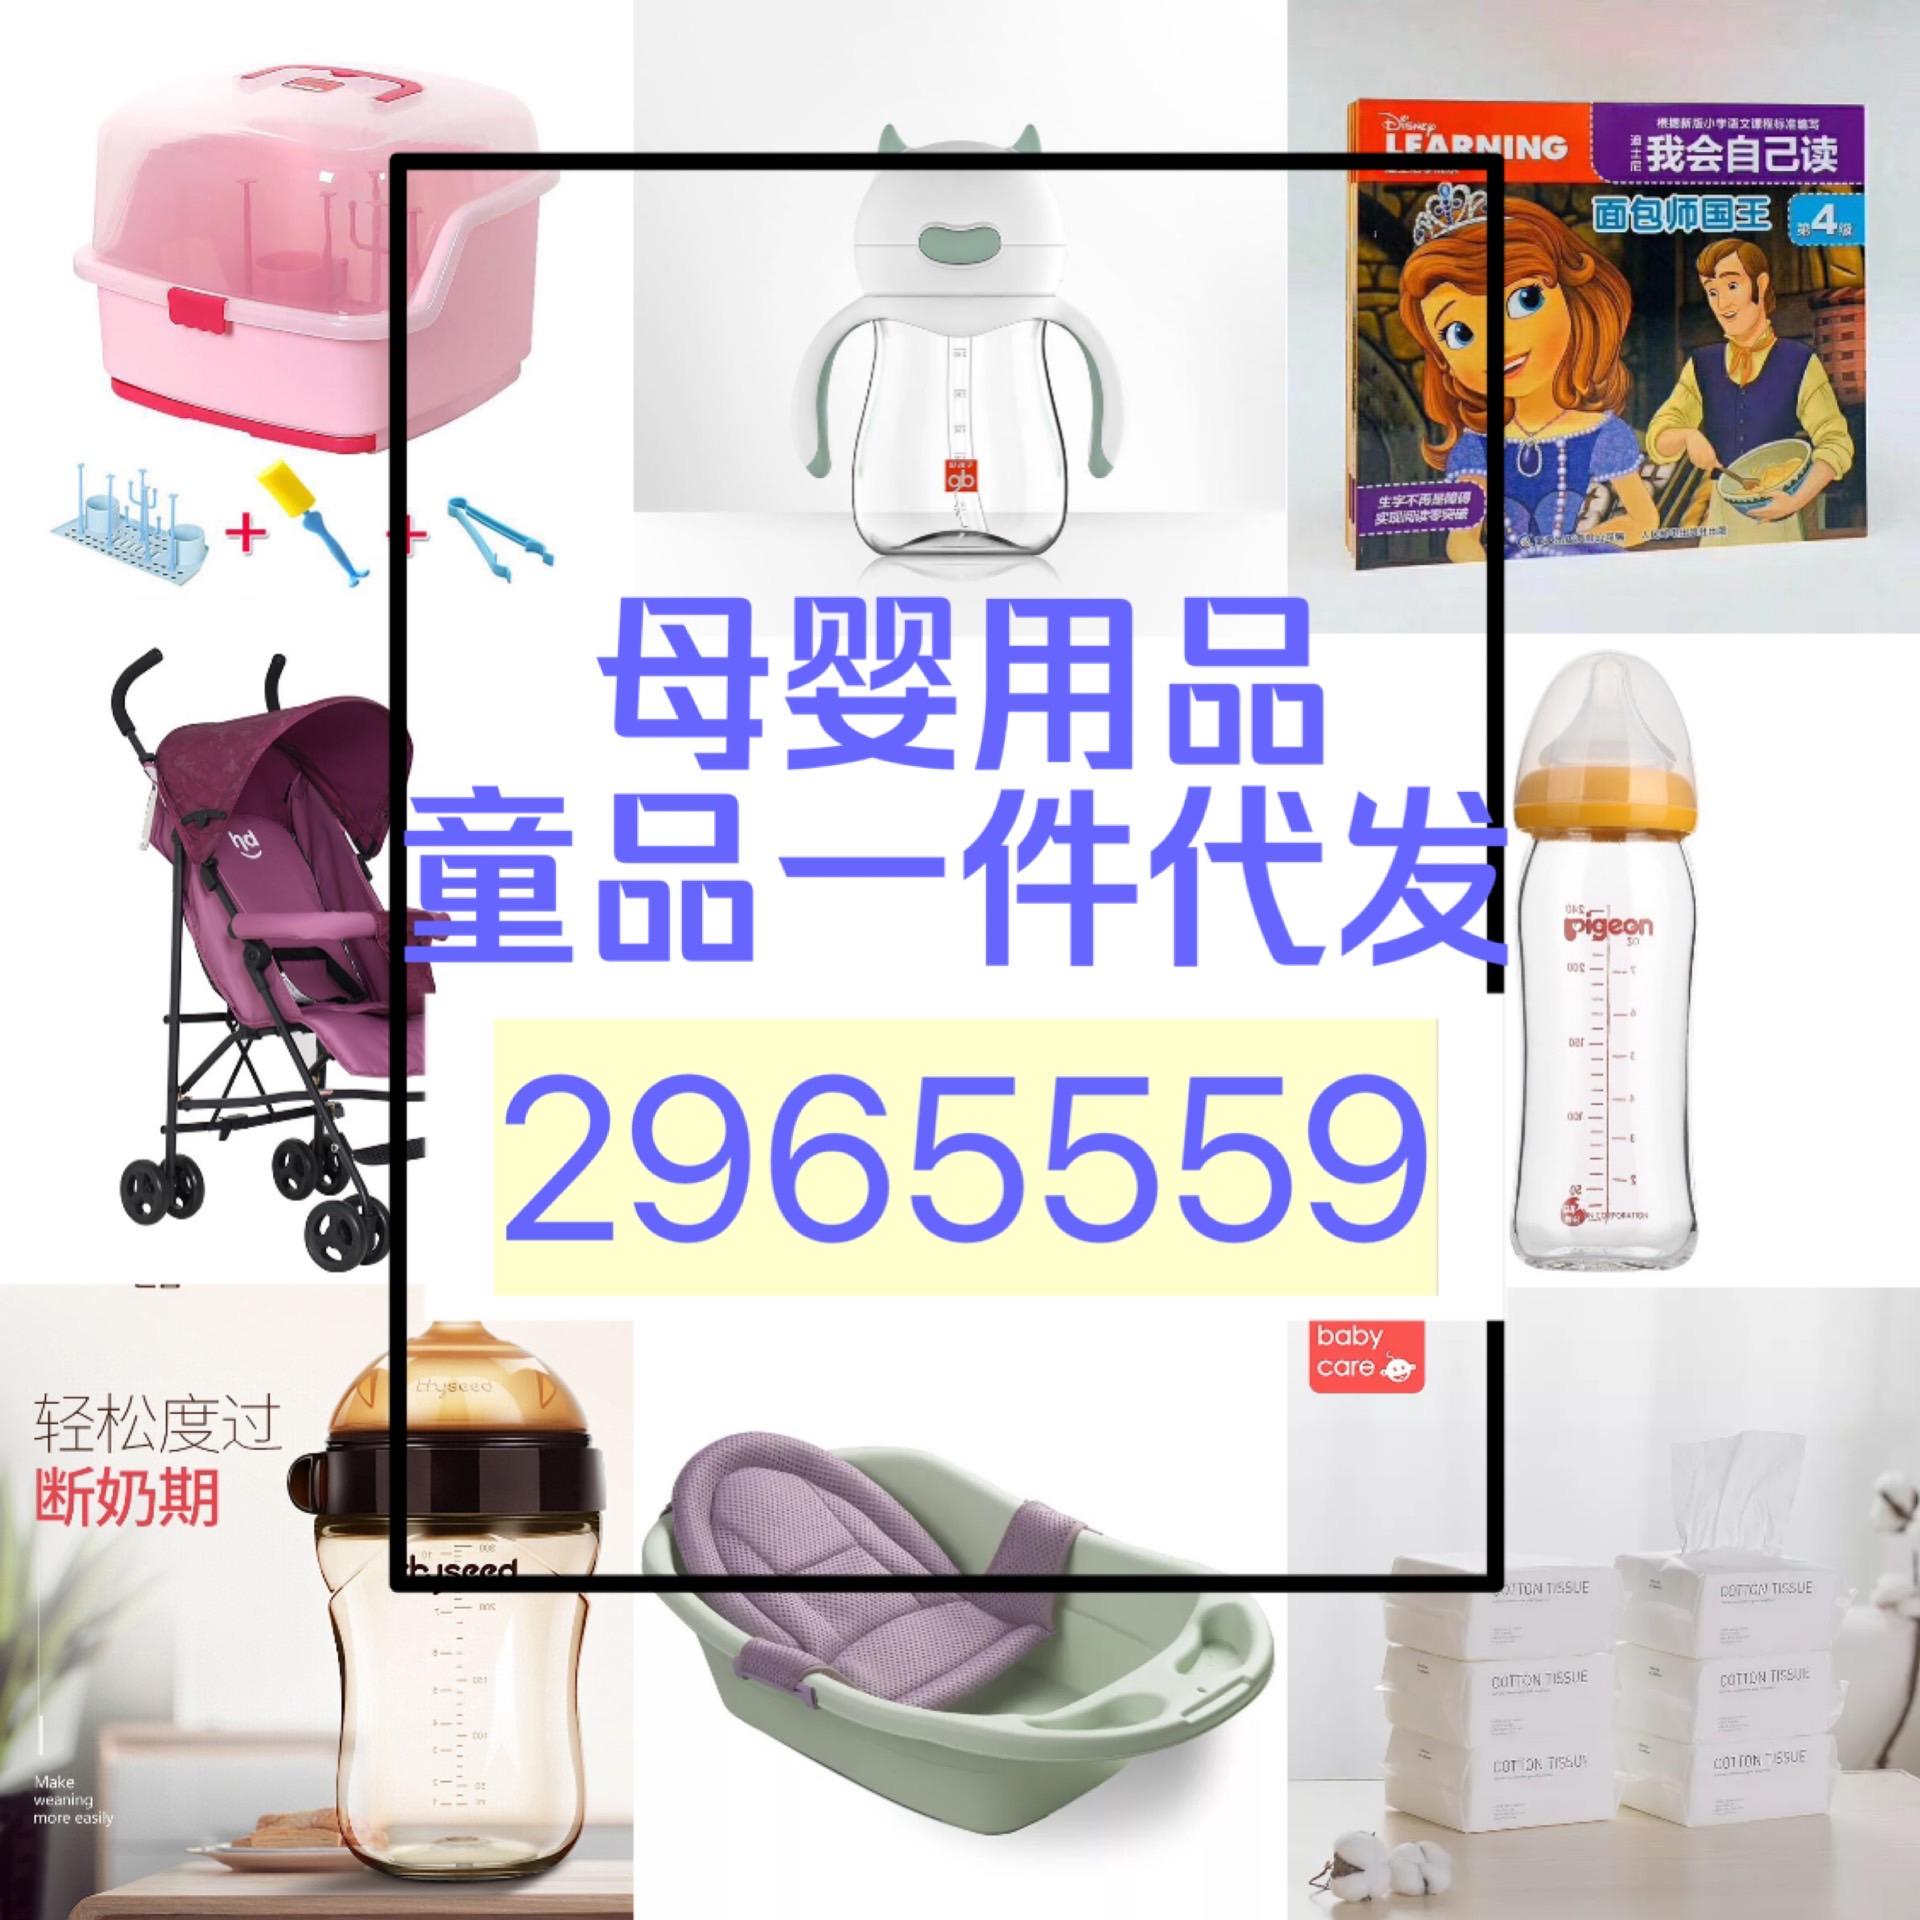 微信图片_20200522092257.jpg